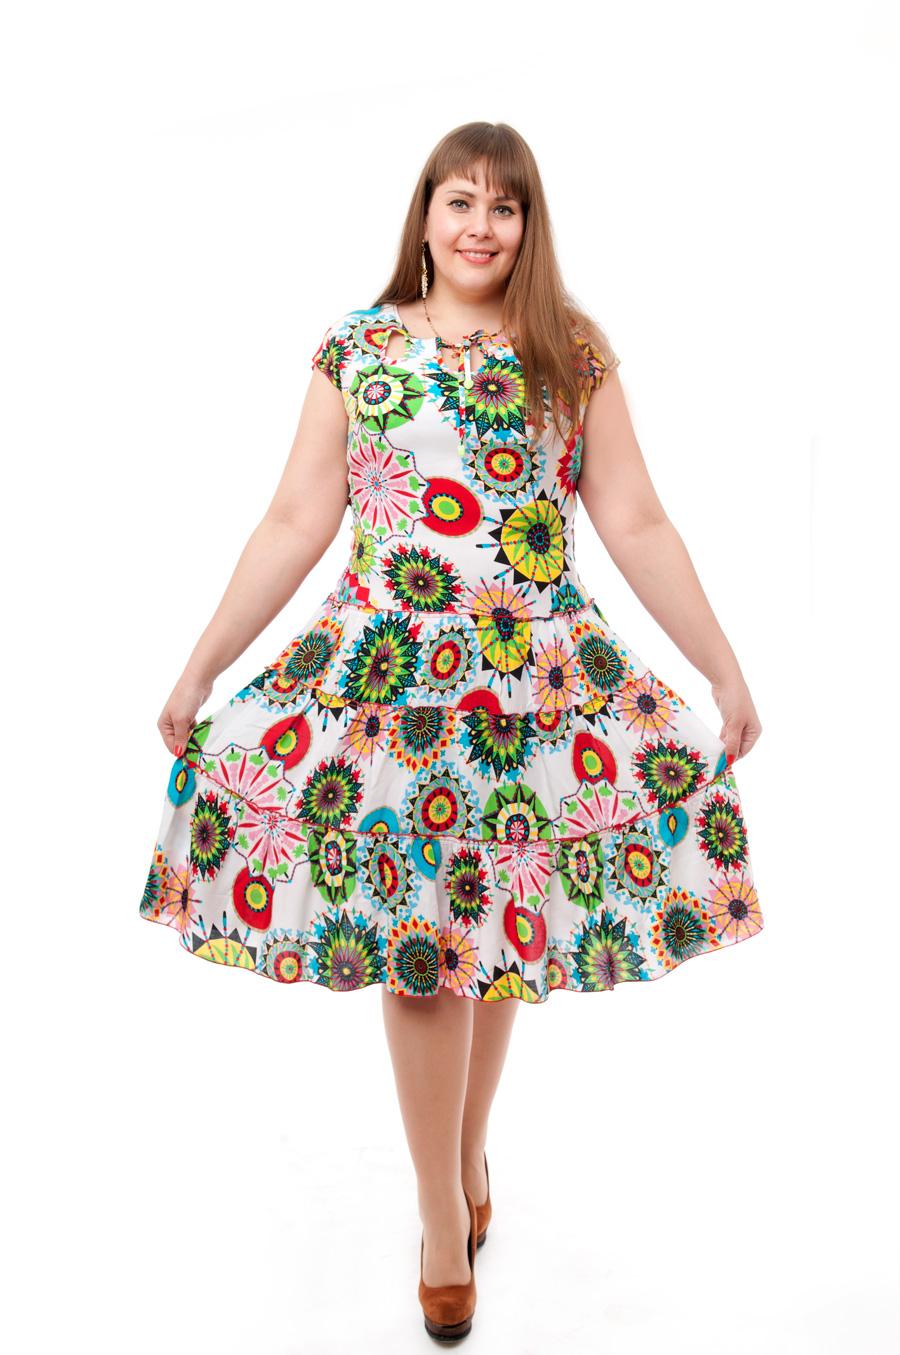 Купить Оптом Недорого Женскую Одежду